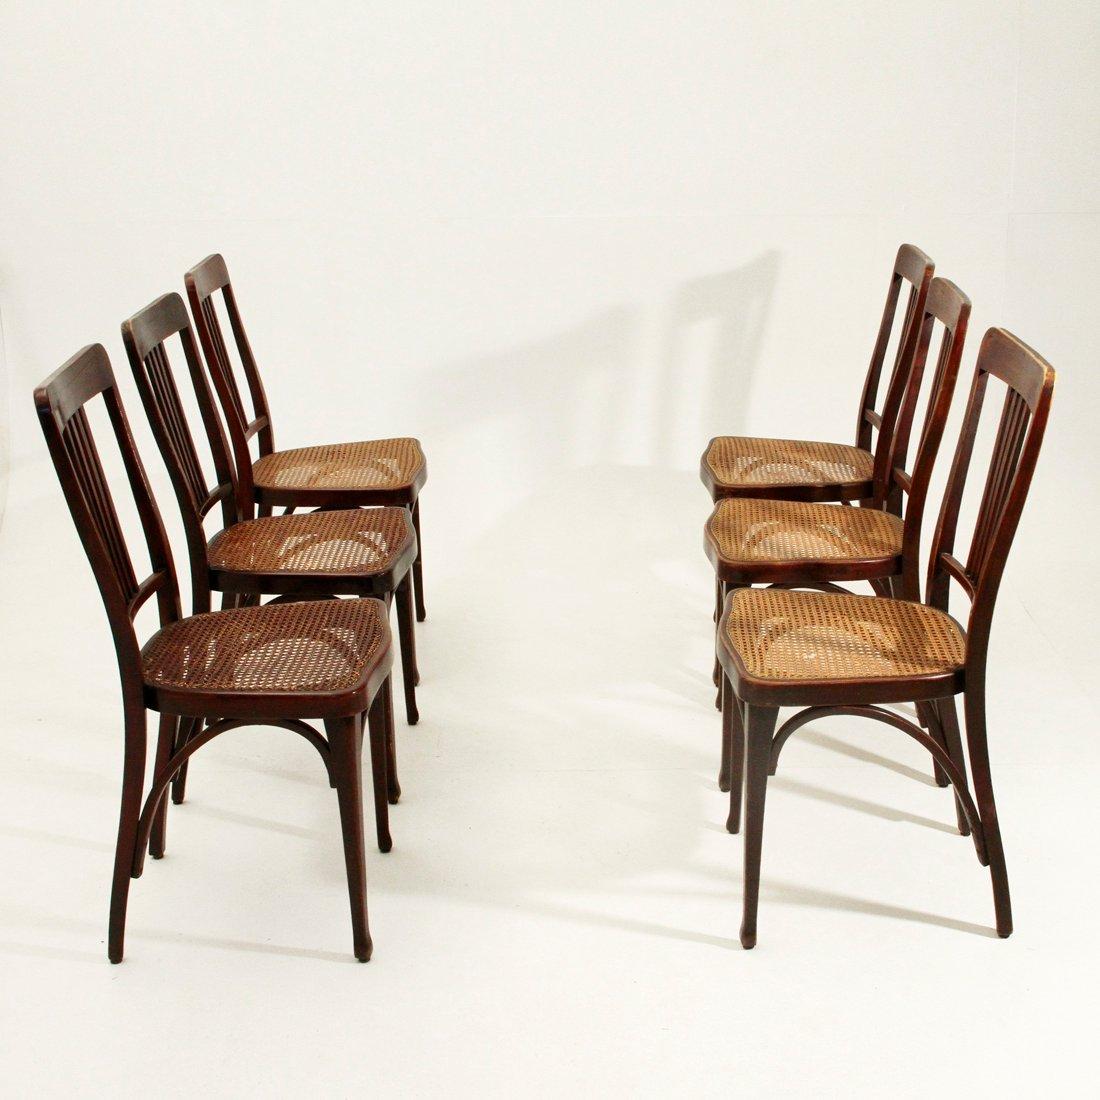 jugendstil mod 675 st hle von thonet 1900er 6er set bei. Black Bedroom Furniture Sets. Home Design Ideas